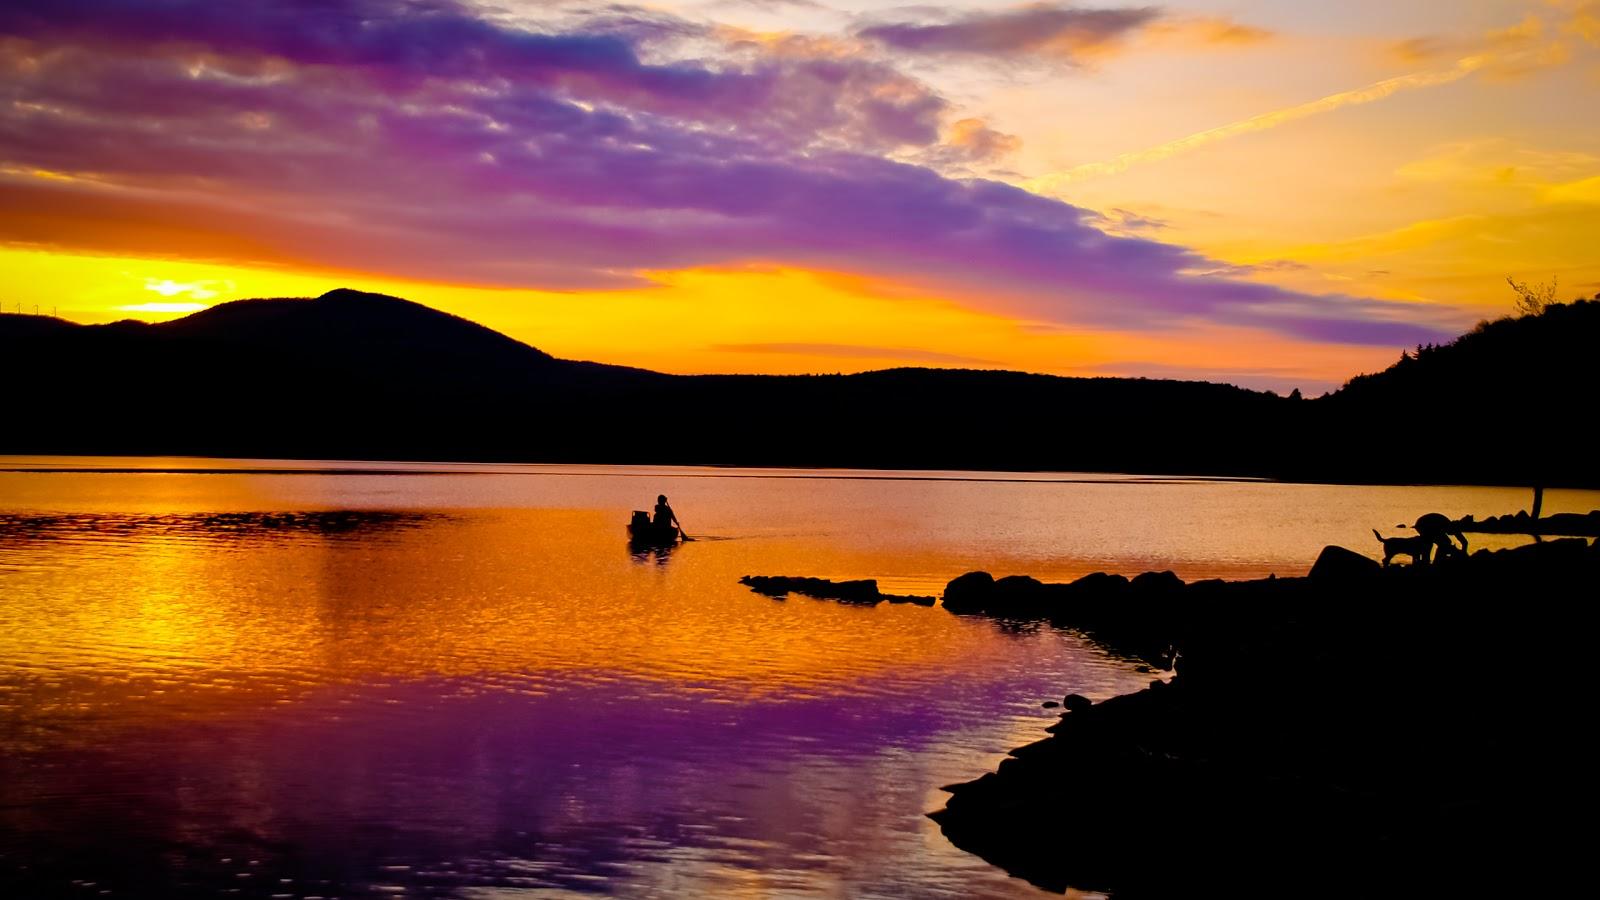 Sunset Wallpaper Beautiful Sunset Wallpaper Sunset Wallpaper 1600x900